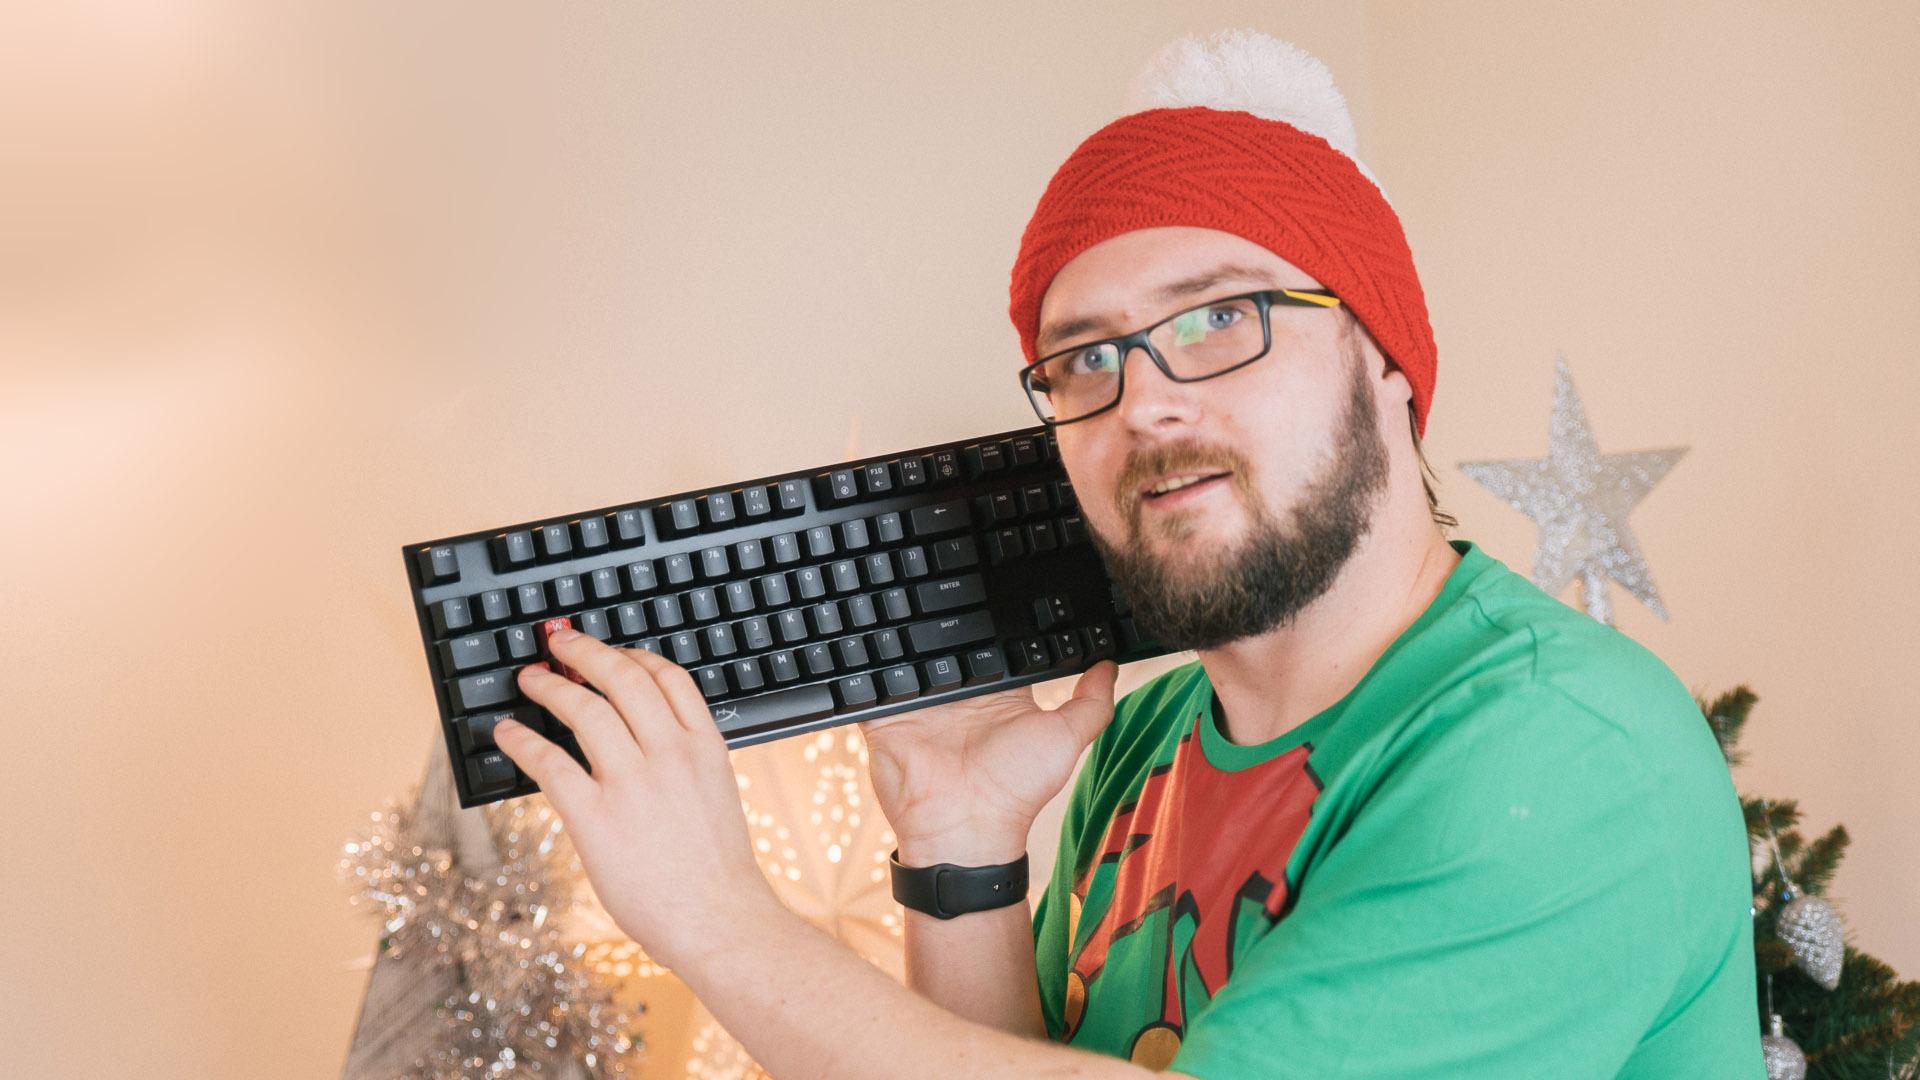 Kompaktowa klawiatura dla graczy, która nie straszy wyglądem. HyperX Alloy FPS – recenzja Spider's Web